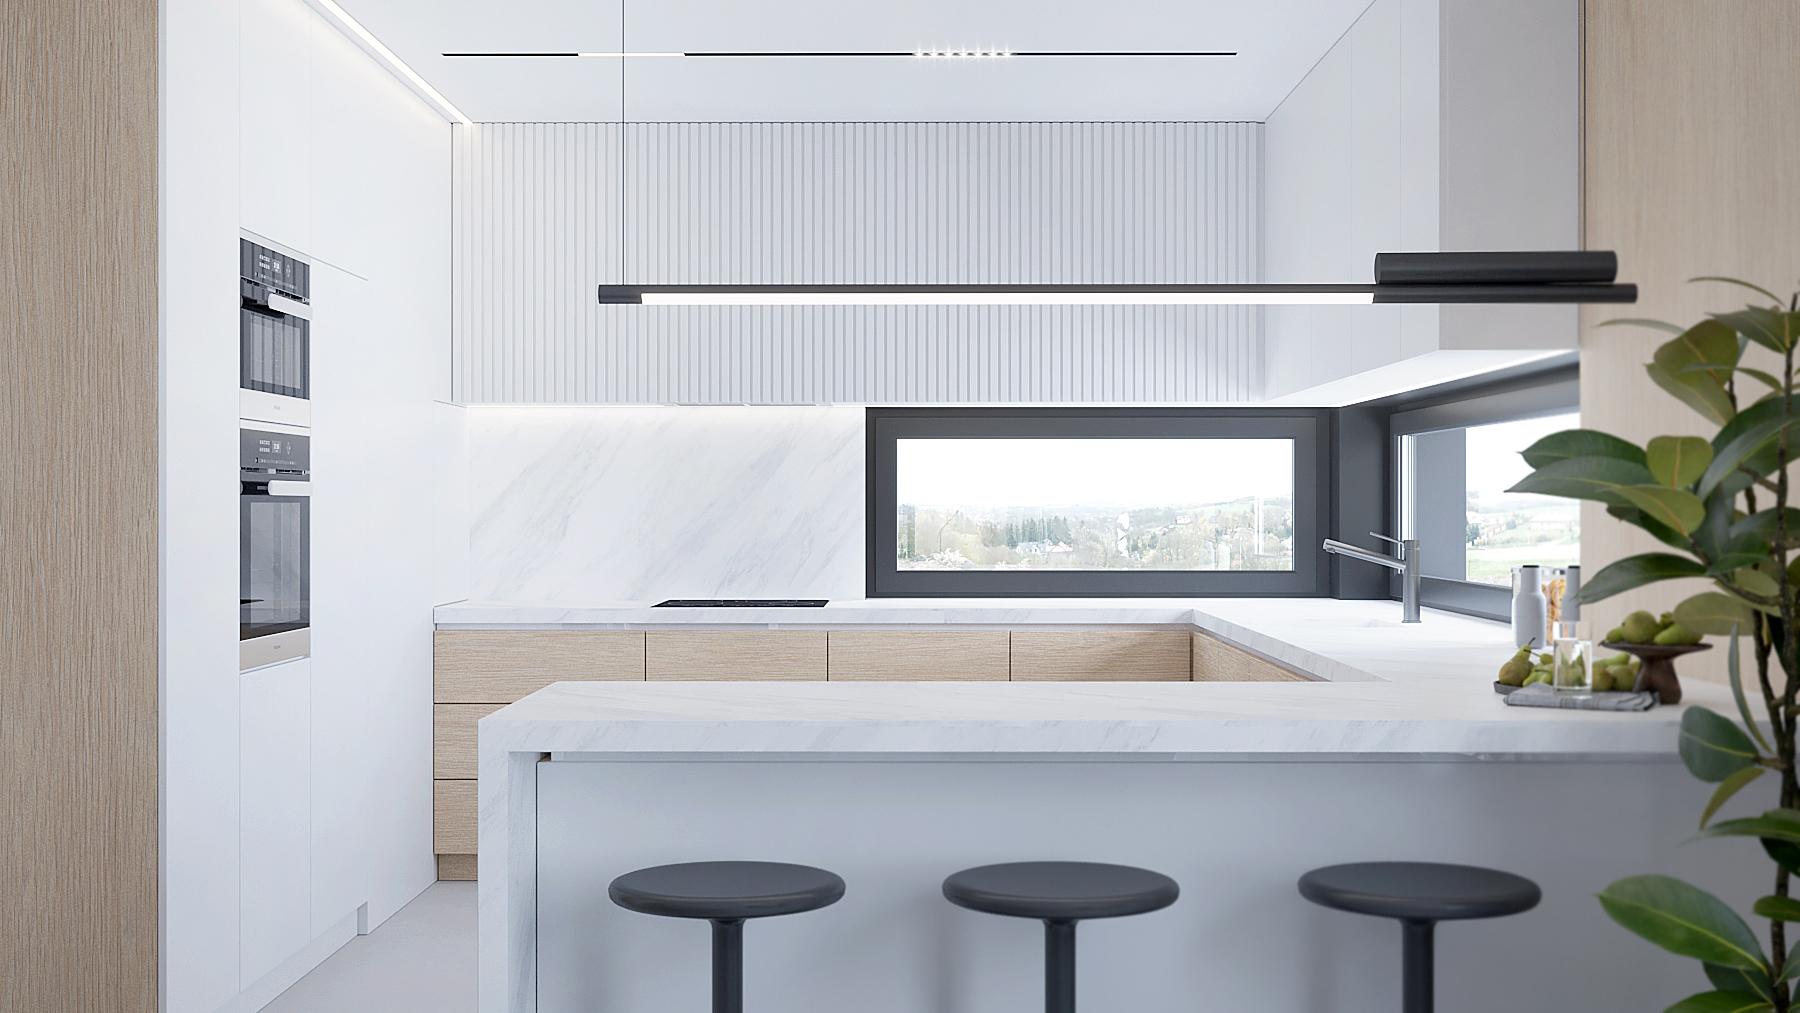 5 projektowanie wnetrz D557 dom Bibice kuchnia bialo drewniane fronty polwyspa z czarnymi hokerami lampa nad wyspa5 projektowanie wnetrz D557 dom Bibice kuchnia bialo drewniane fronty polwyspa z czarnymi hokerami lampa nad wyspa